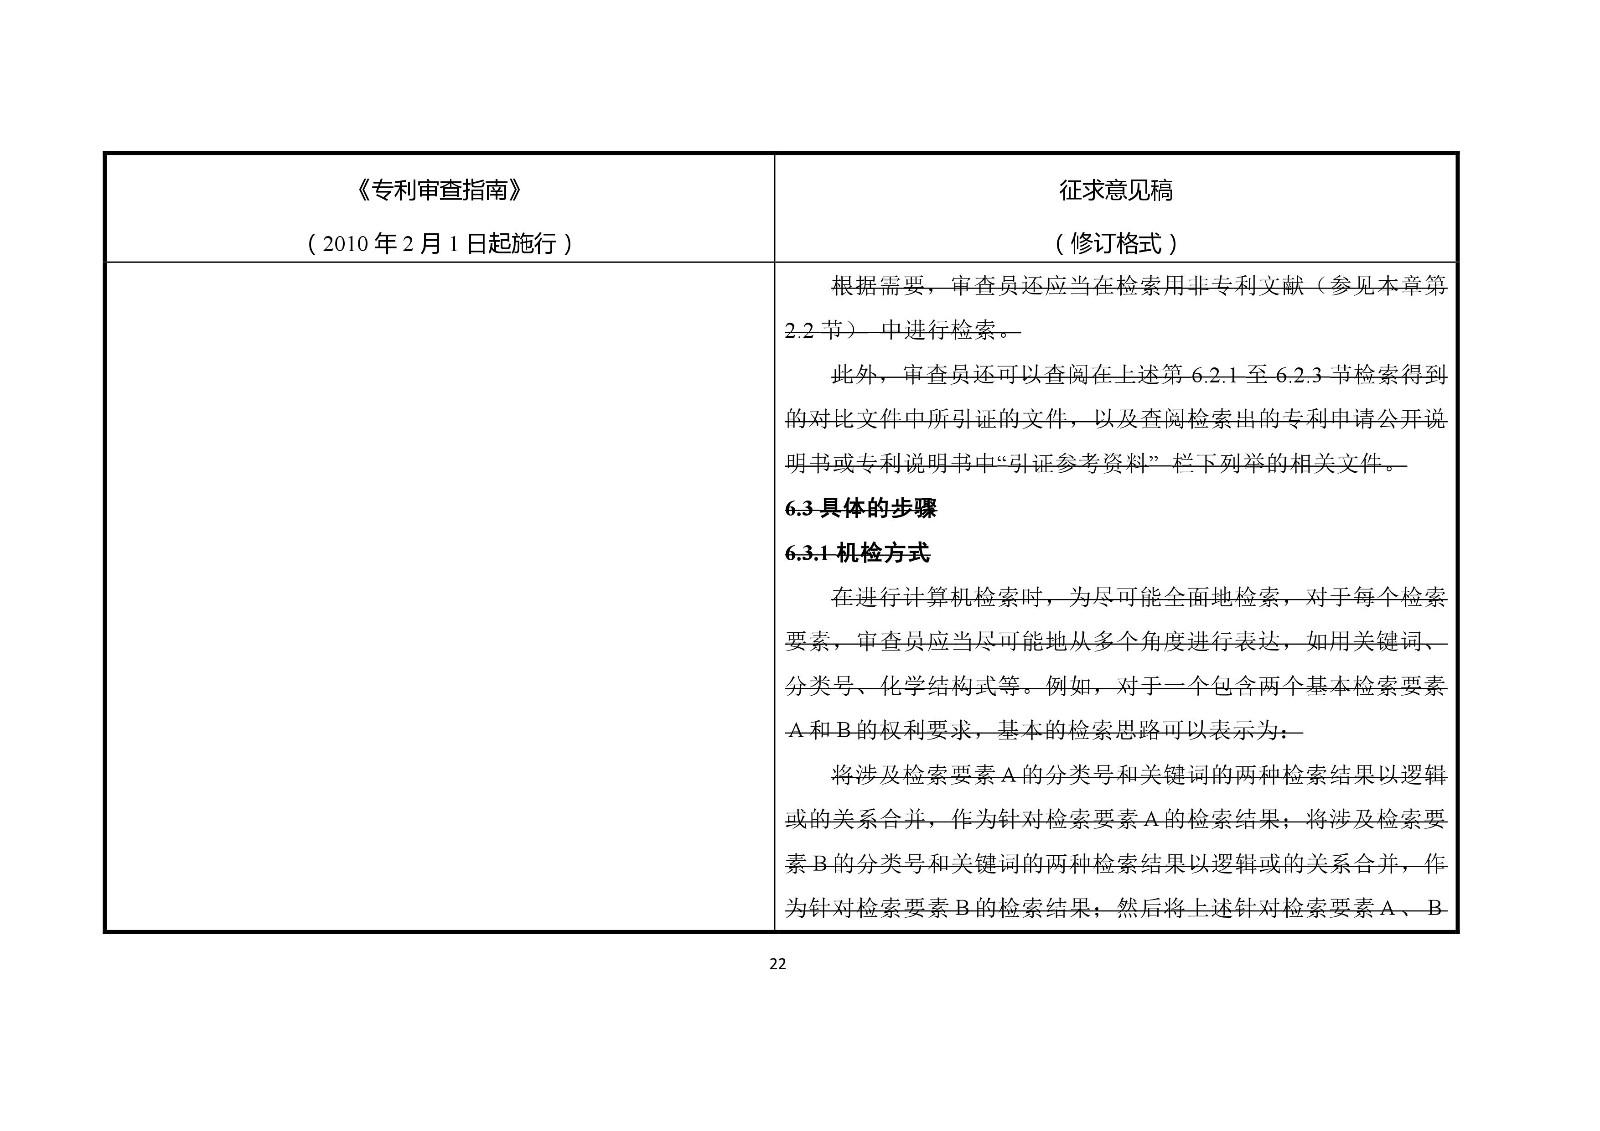 《专利审查指南修改草案(征求意见稿)》修改对照表